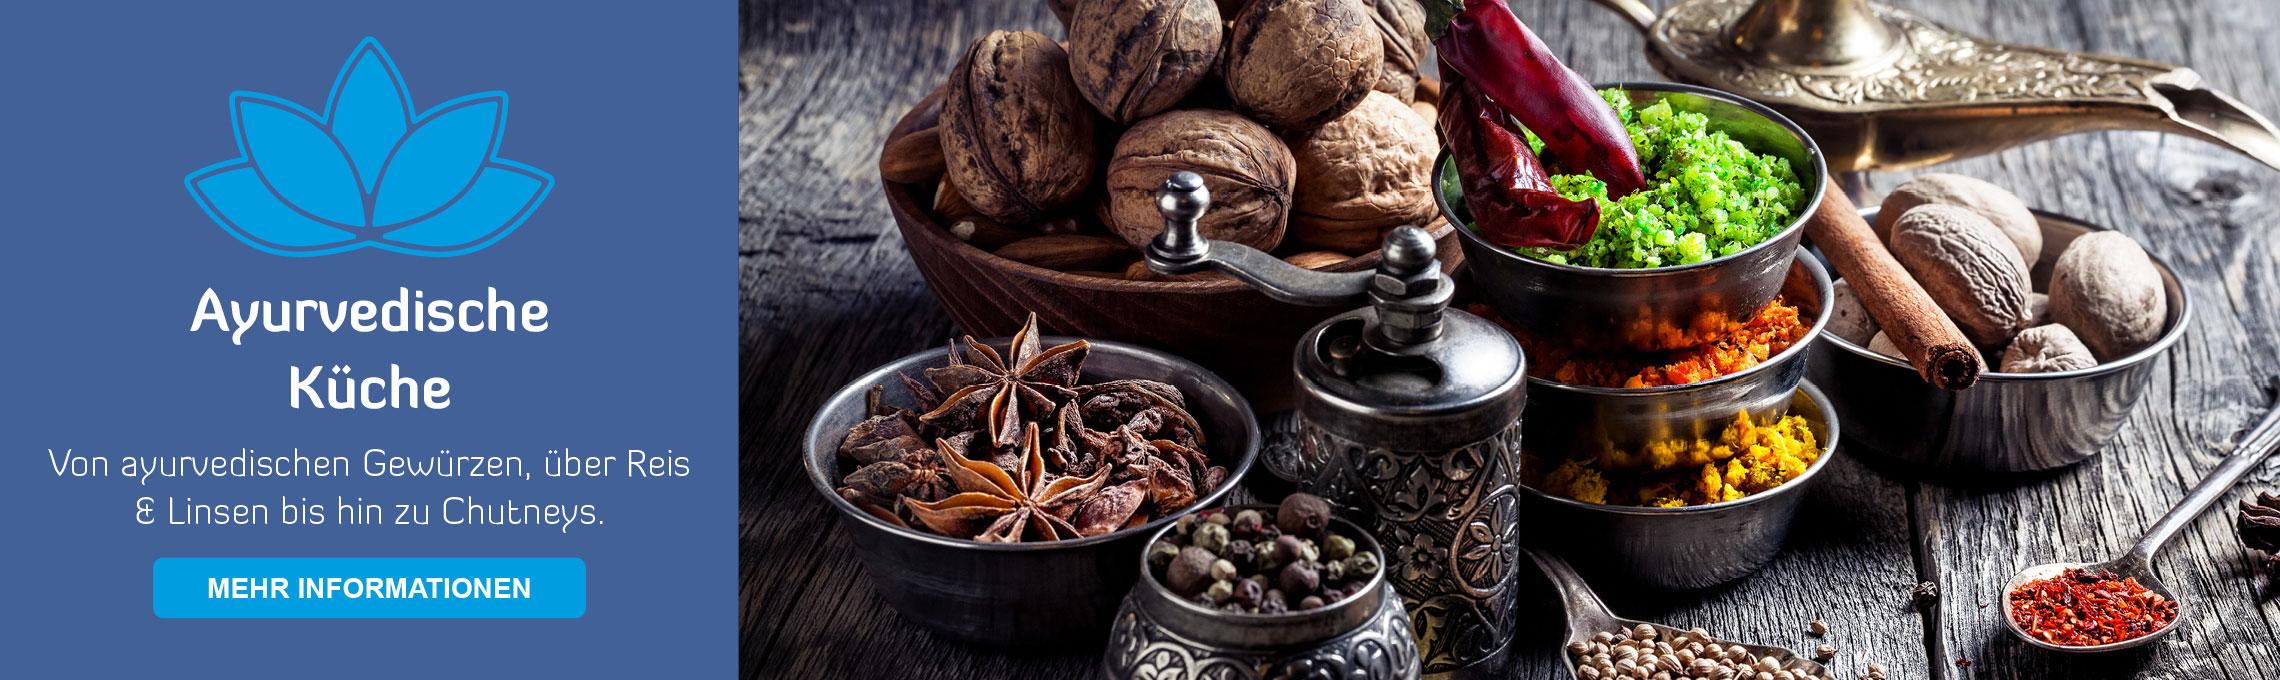 Startseite Teaser ayurvedische Küche